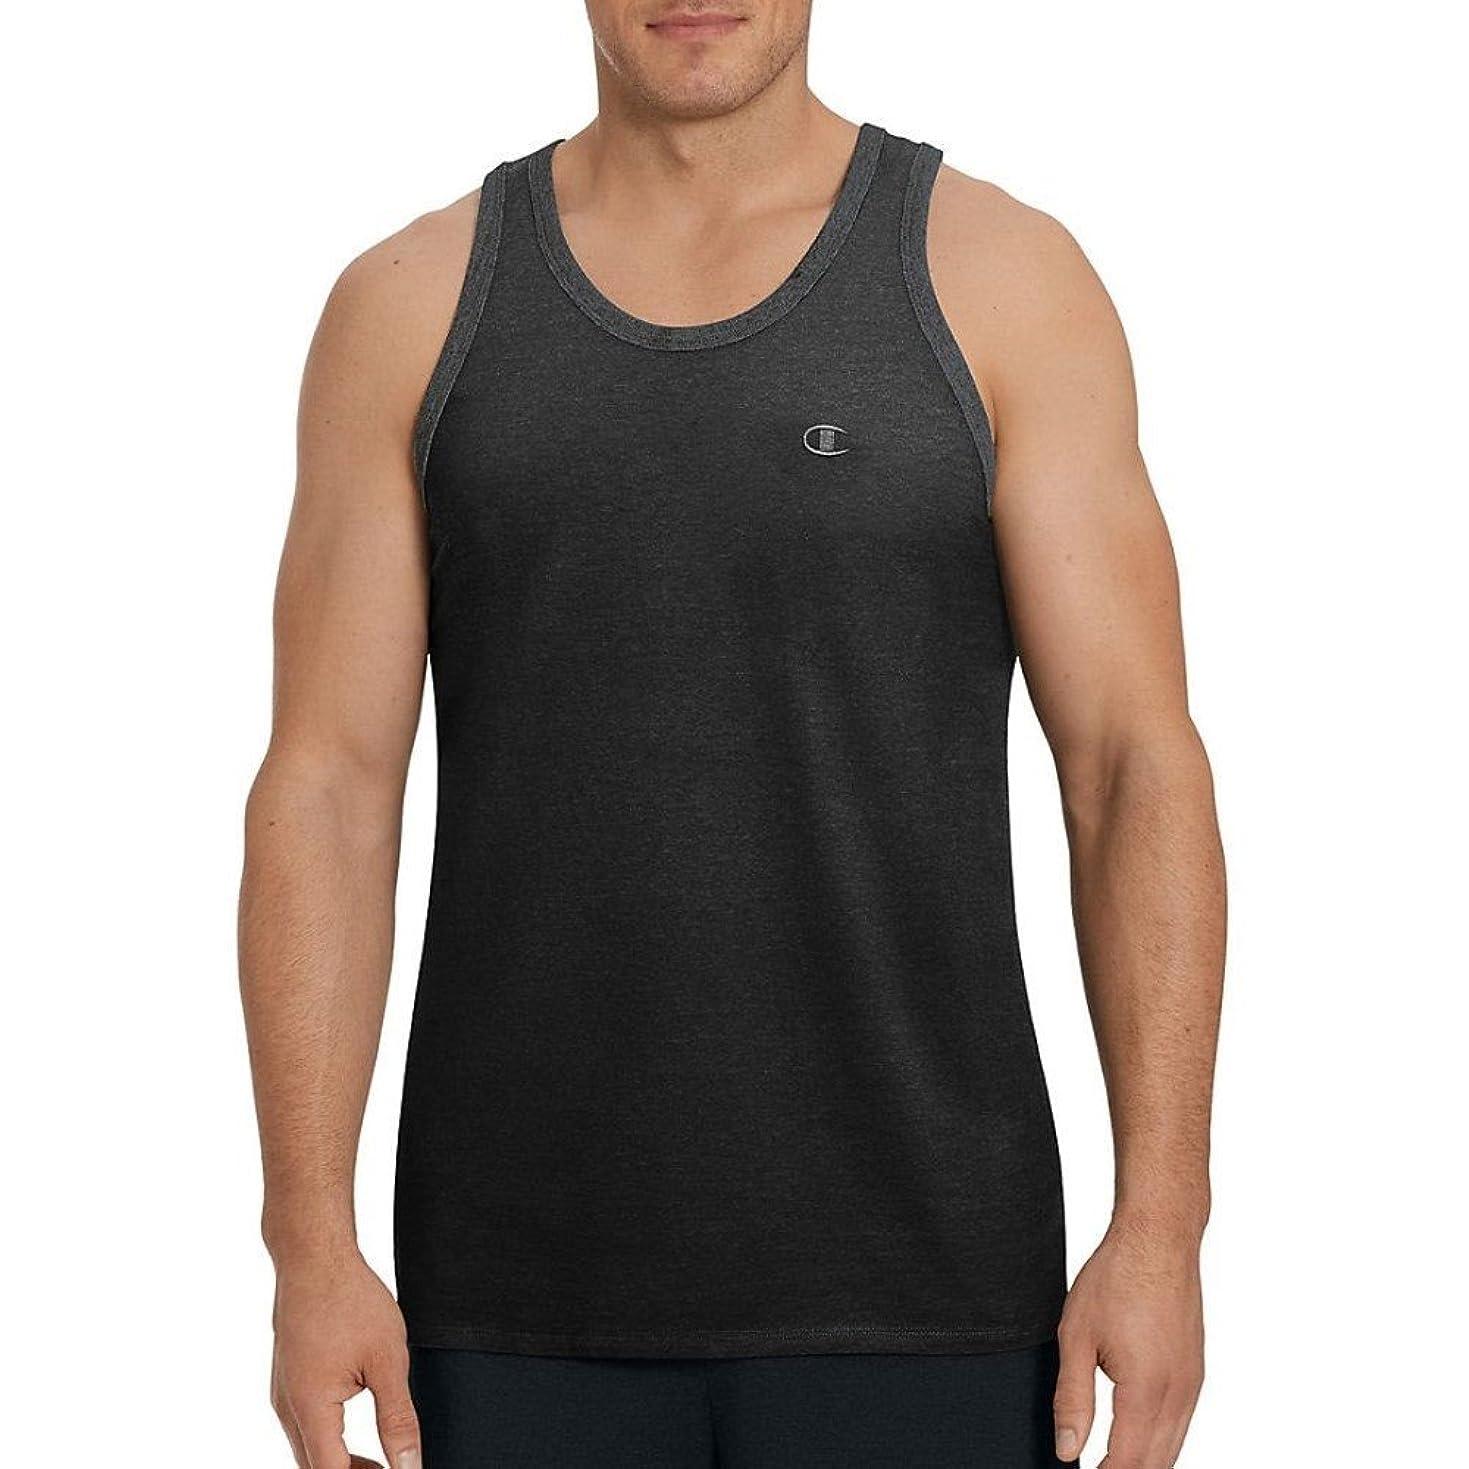 共産主義状製造業(チャンピオン) Champion メンズ トップス タンクトップ Classic Cotton Ringer Sleeveless Shirt [並行輸入品]